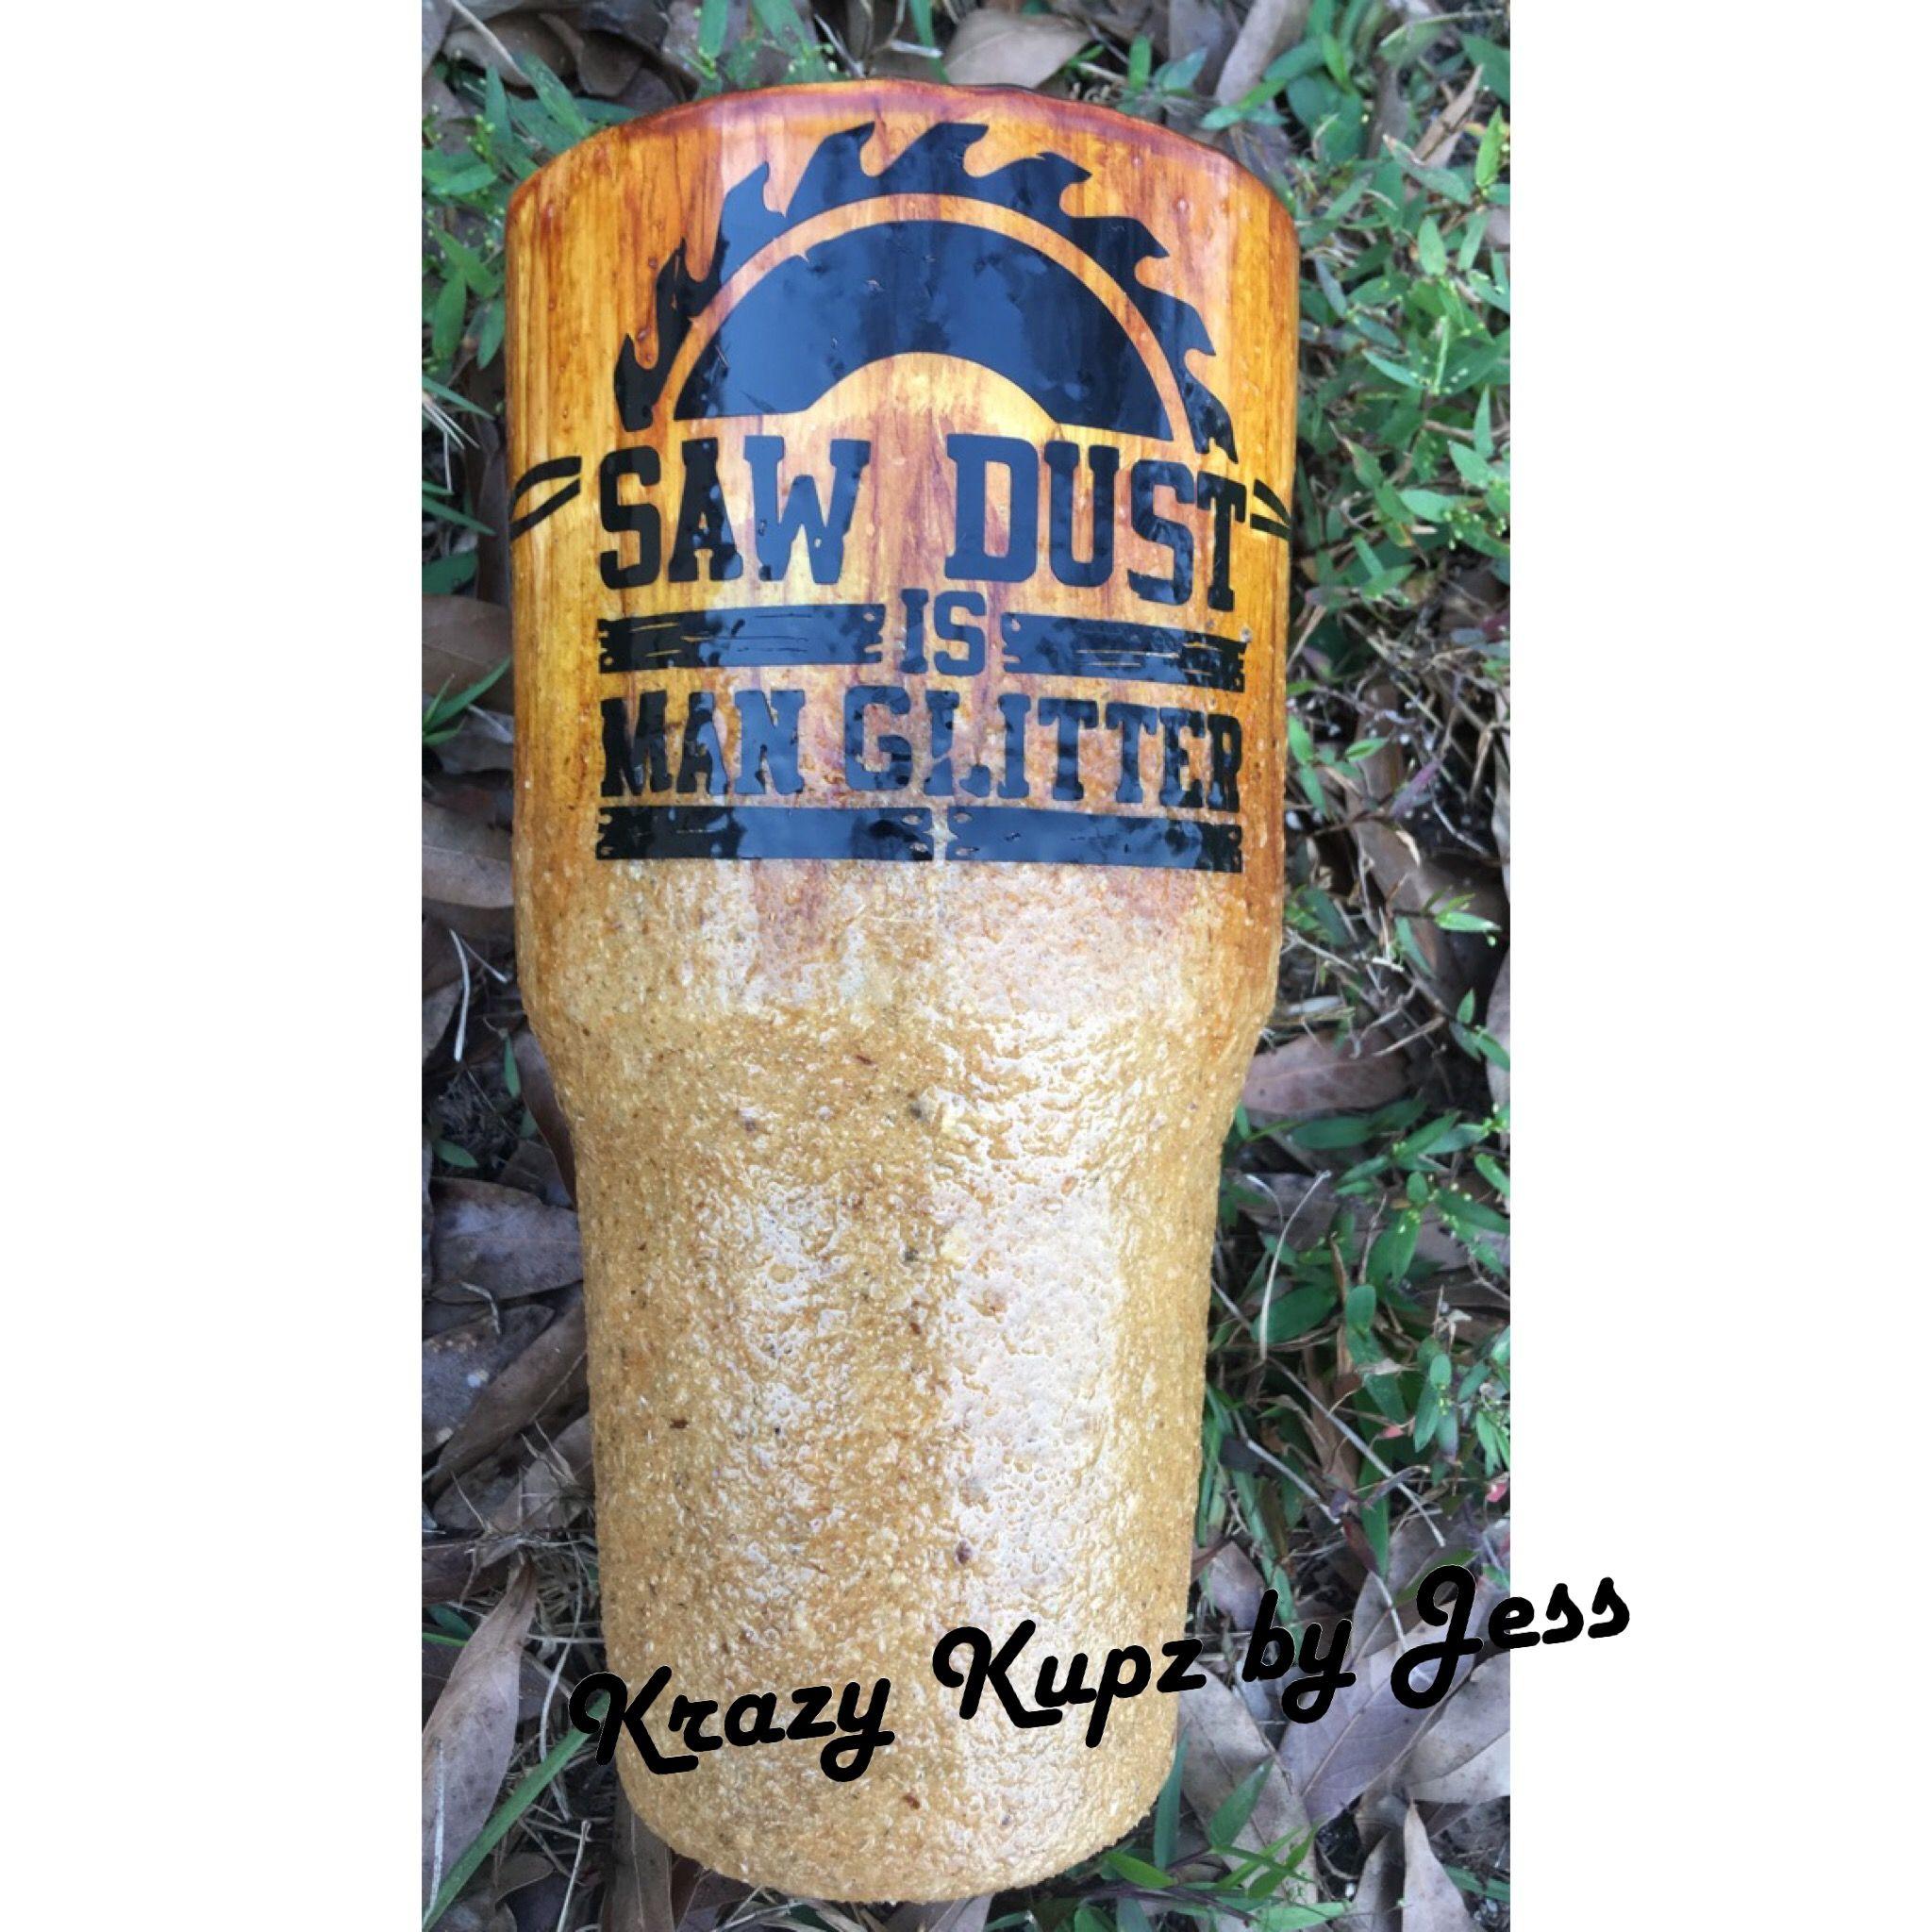 Saw Dust Is Man Glitter Krazykupzbyjess Sawdustismanglitter Sawdust Love Like Ozarktrailtumbler Ozarkt Tumbler Cups Diy Custom Tumbler Cups Diy Tumblers